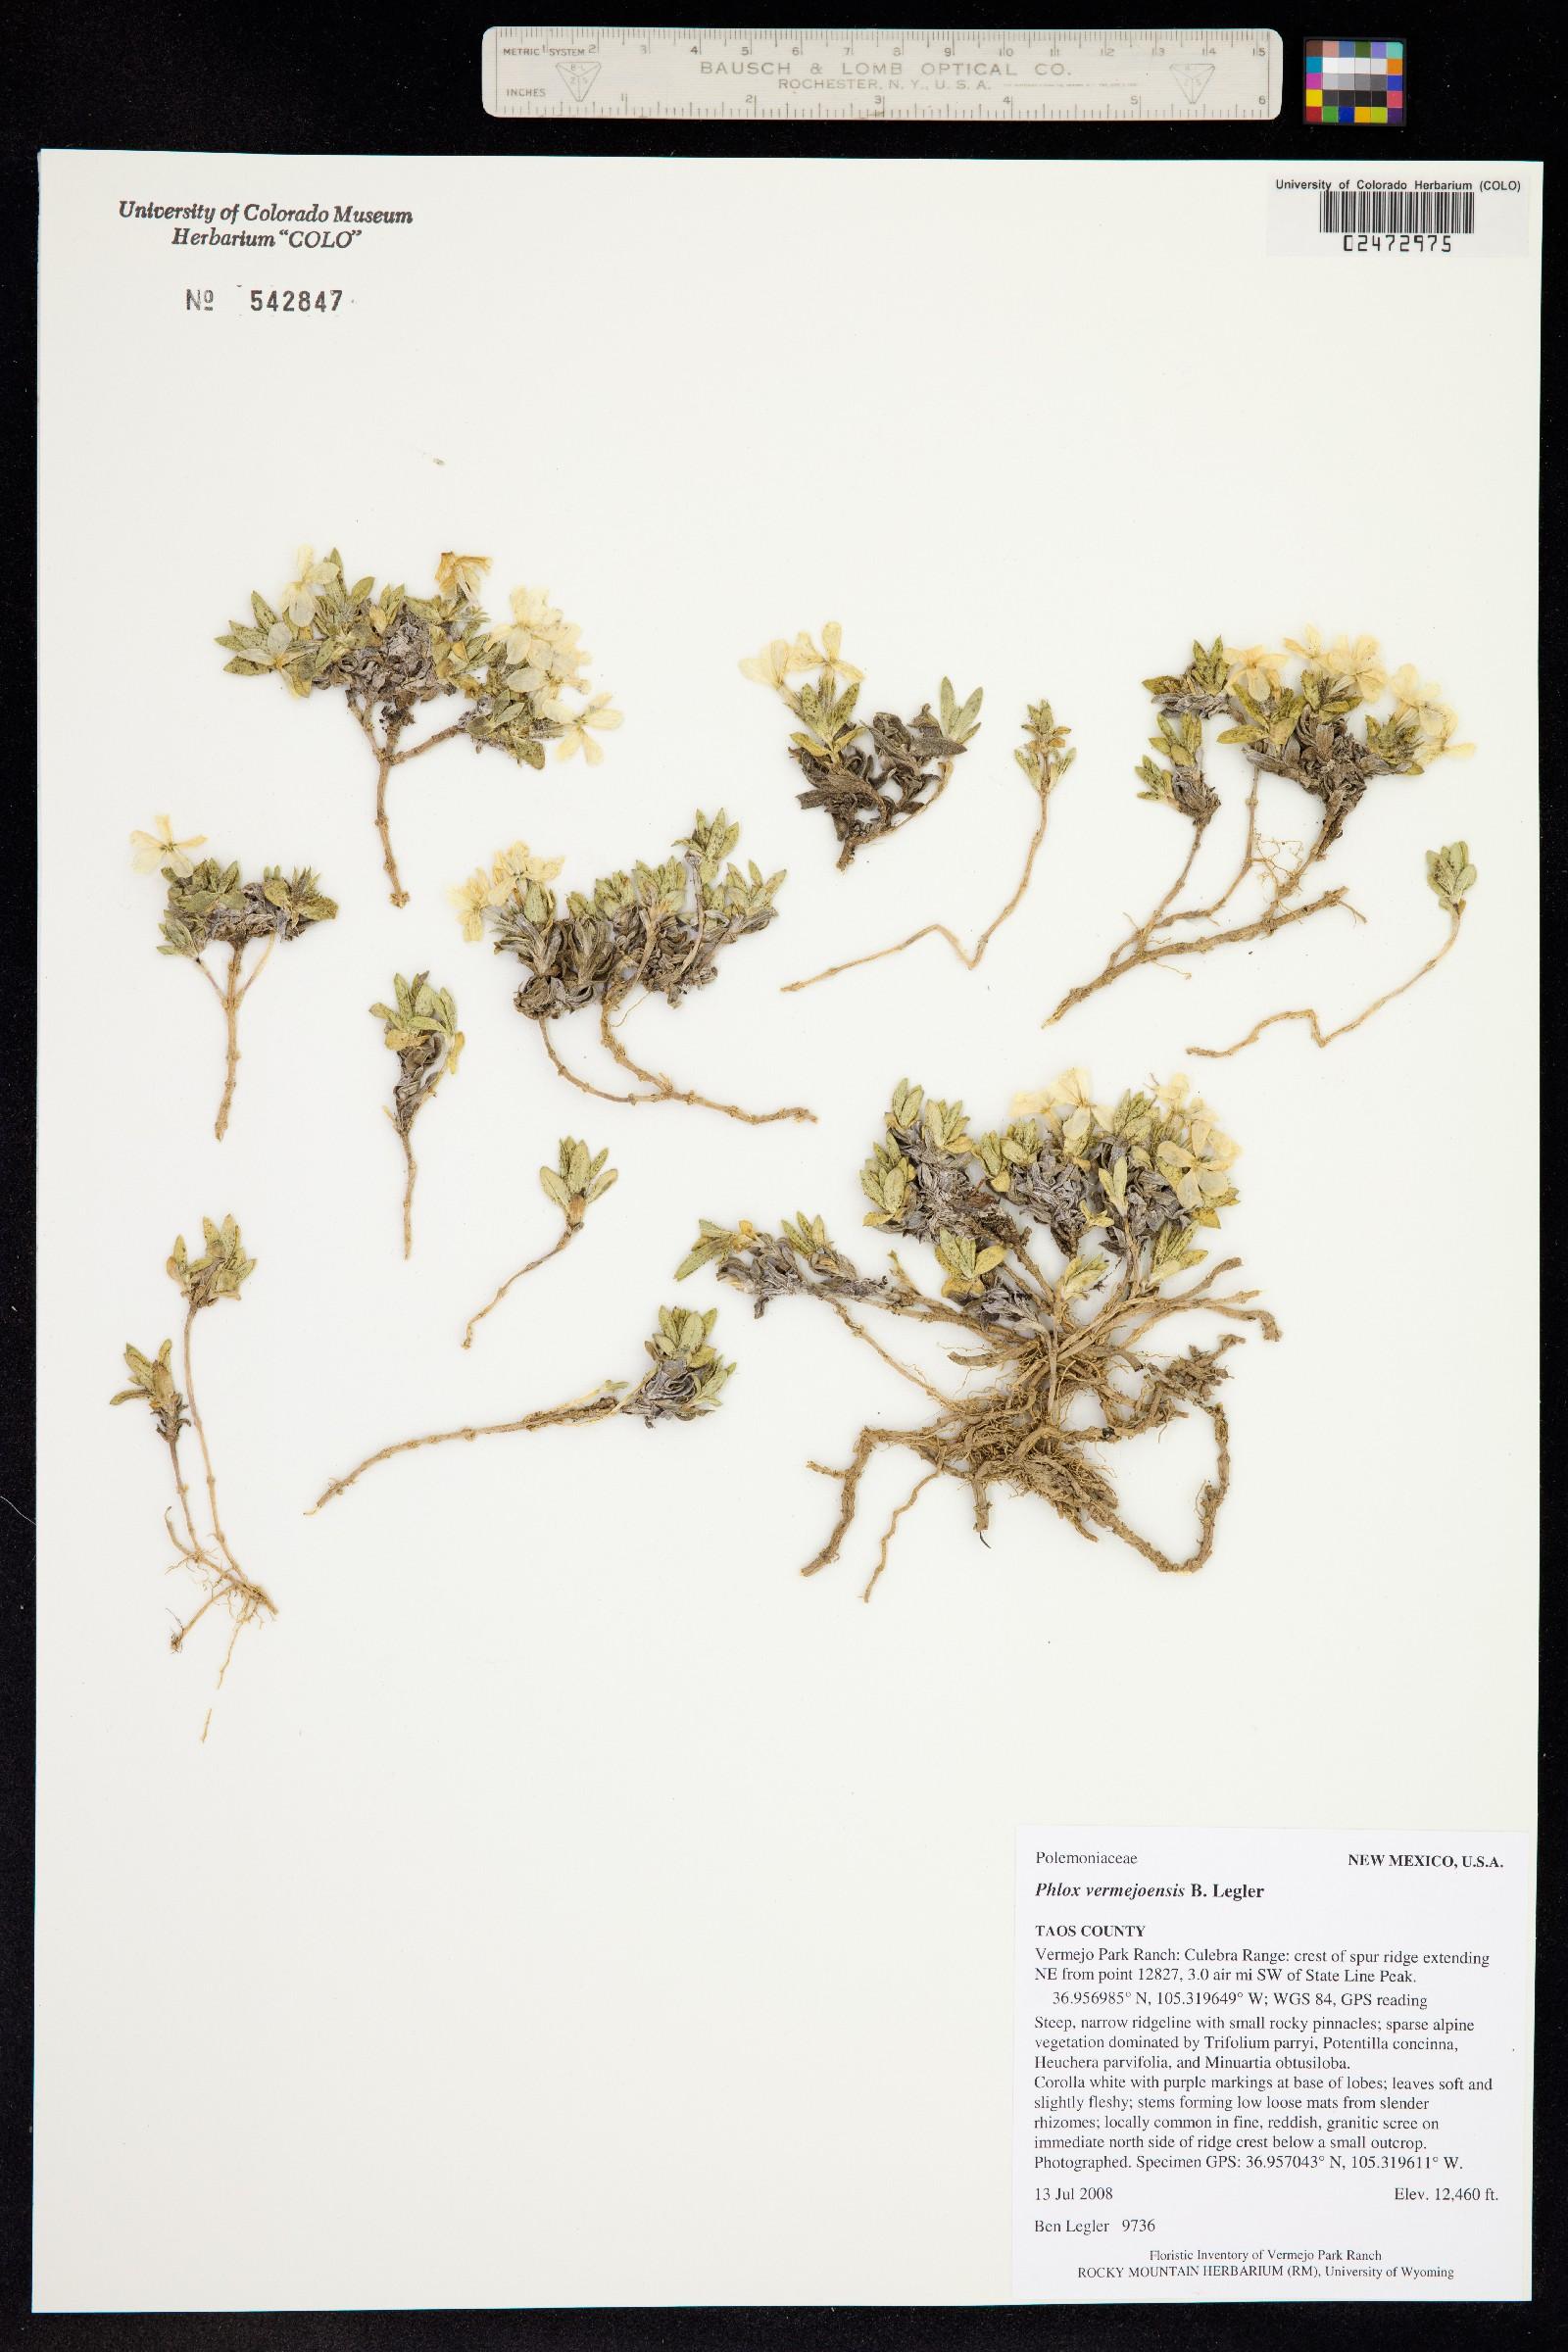 Phlox vermejoensis image